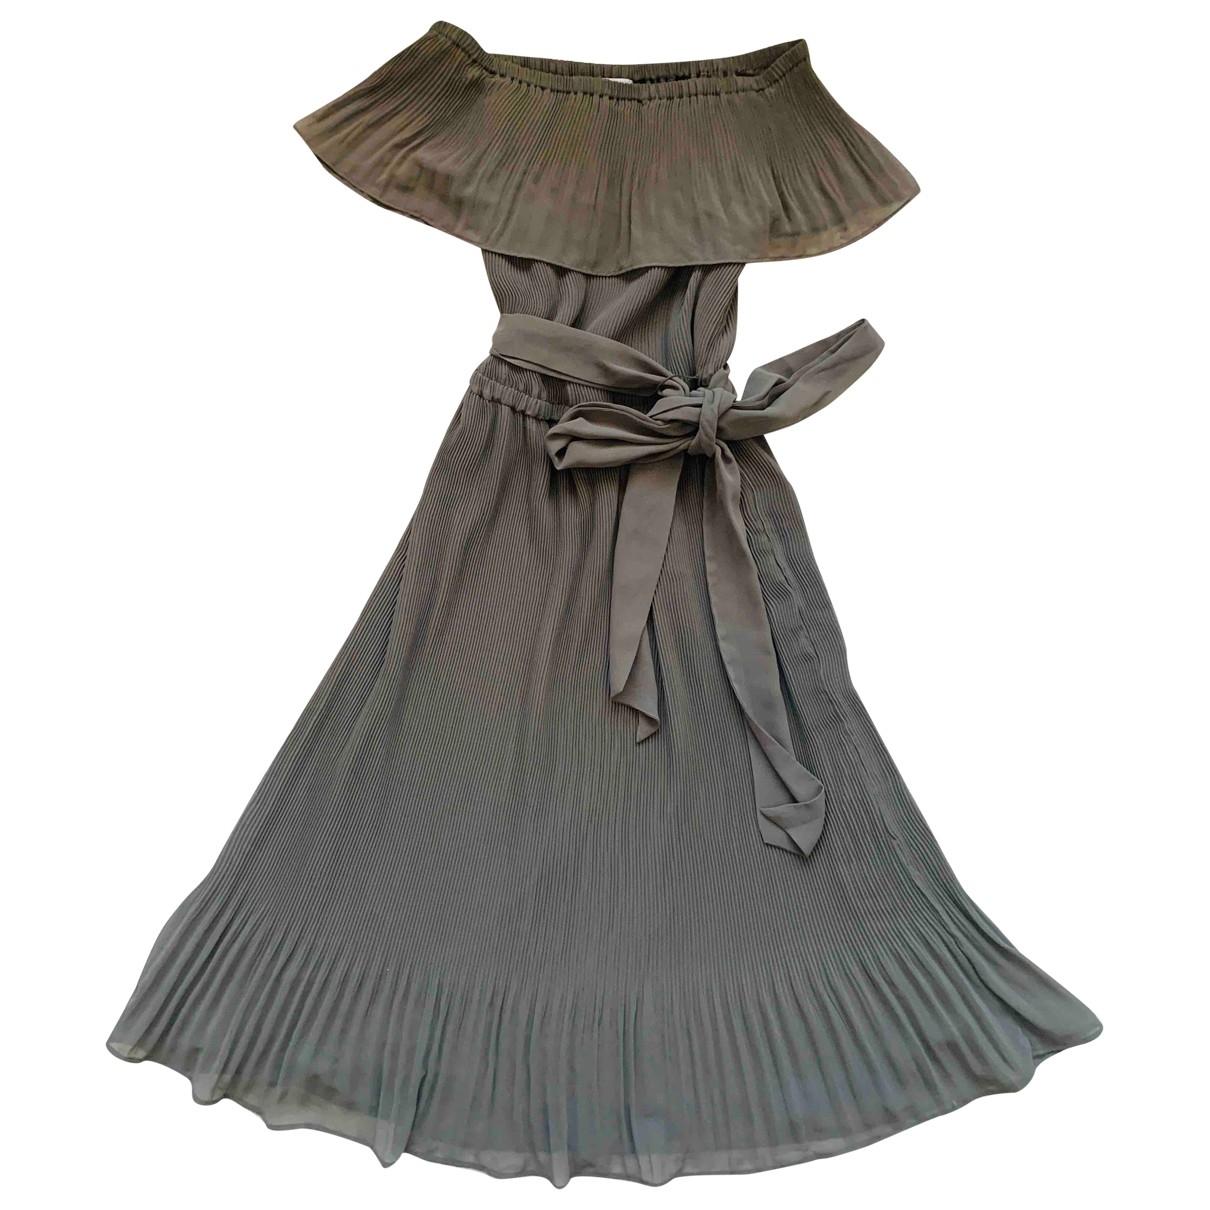 Michael Kors \N Khaki dress for Women S International